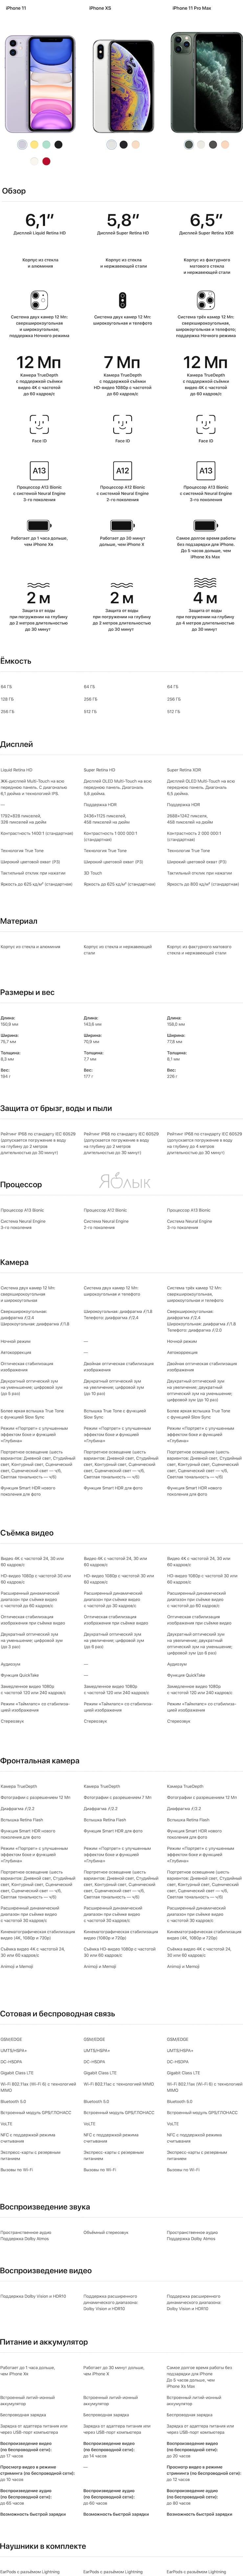 Сравнение iPhone 11 и iPhone XS / XS Max + таблица. Чем отличаются и что лучше купить в 2019 году?